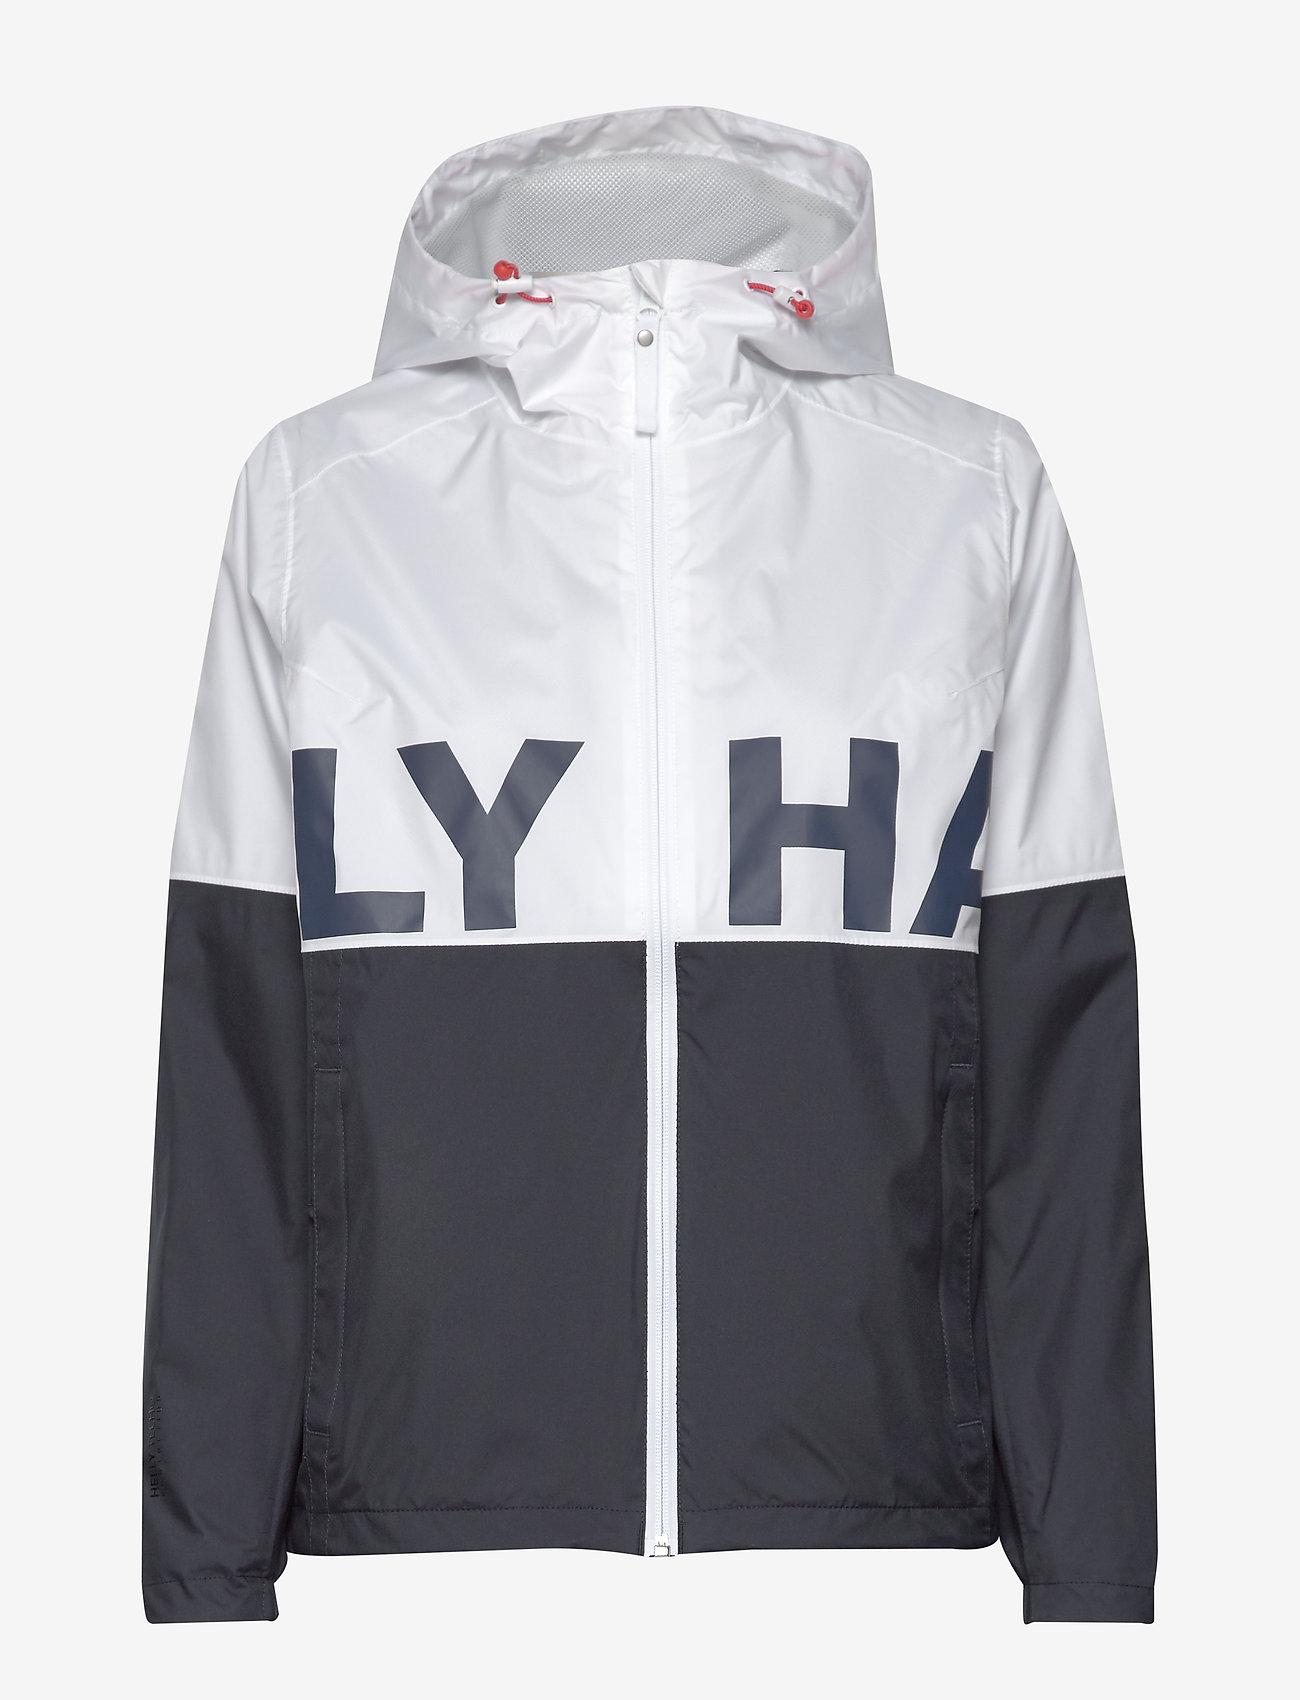 W Amuze Jacket (White) - Helly Hansen 8Mi2Ku